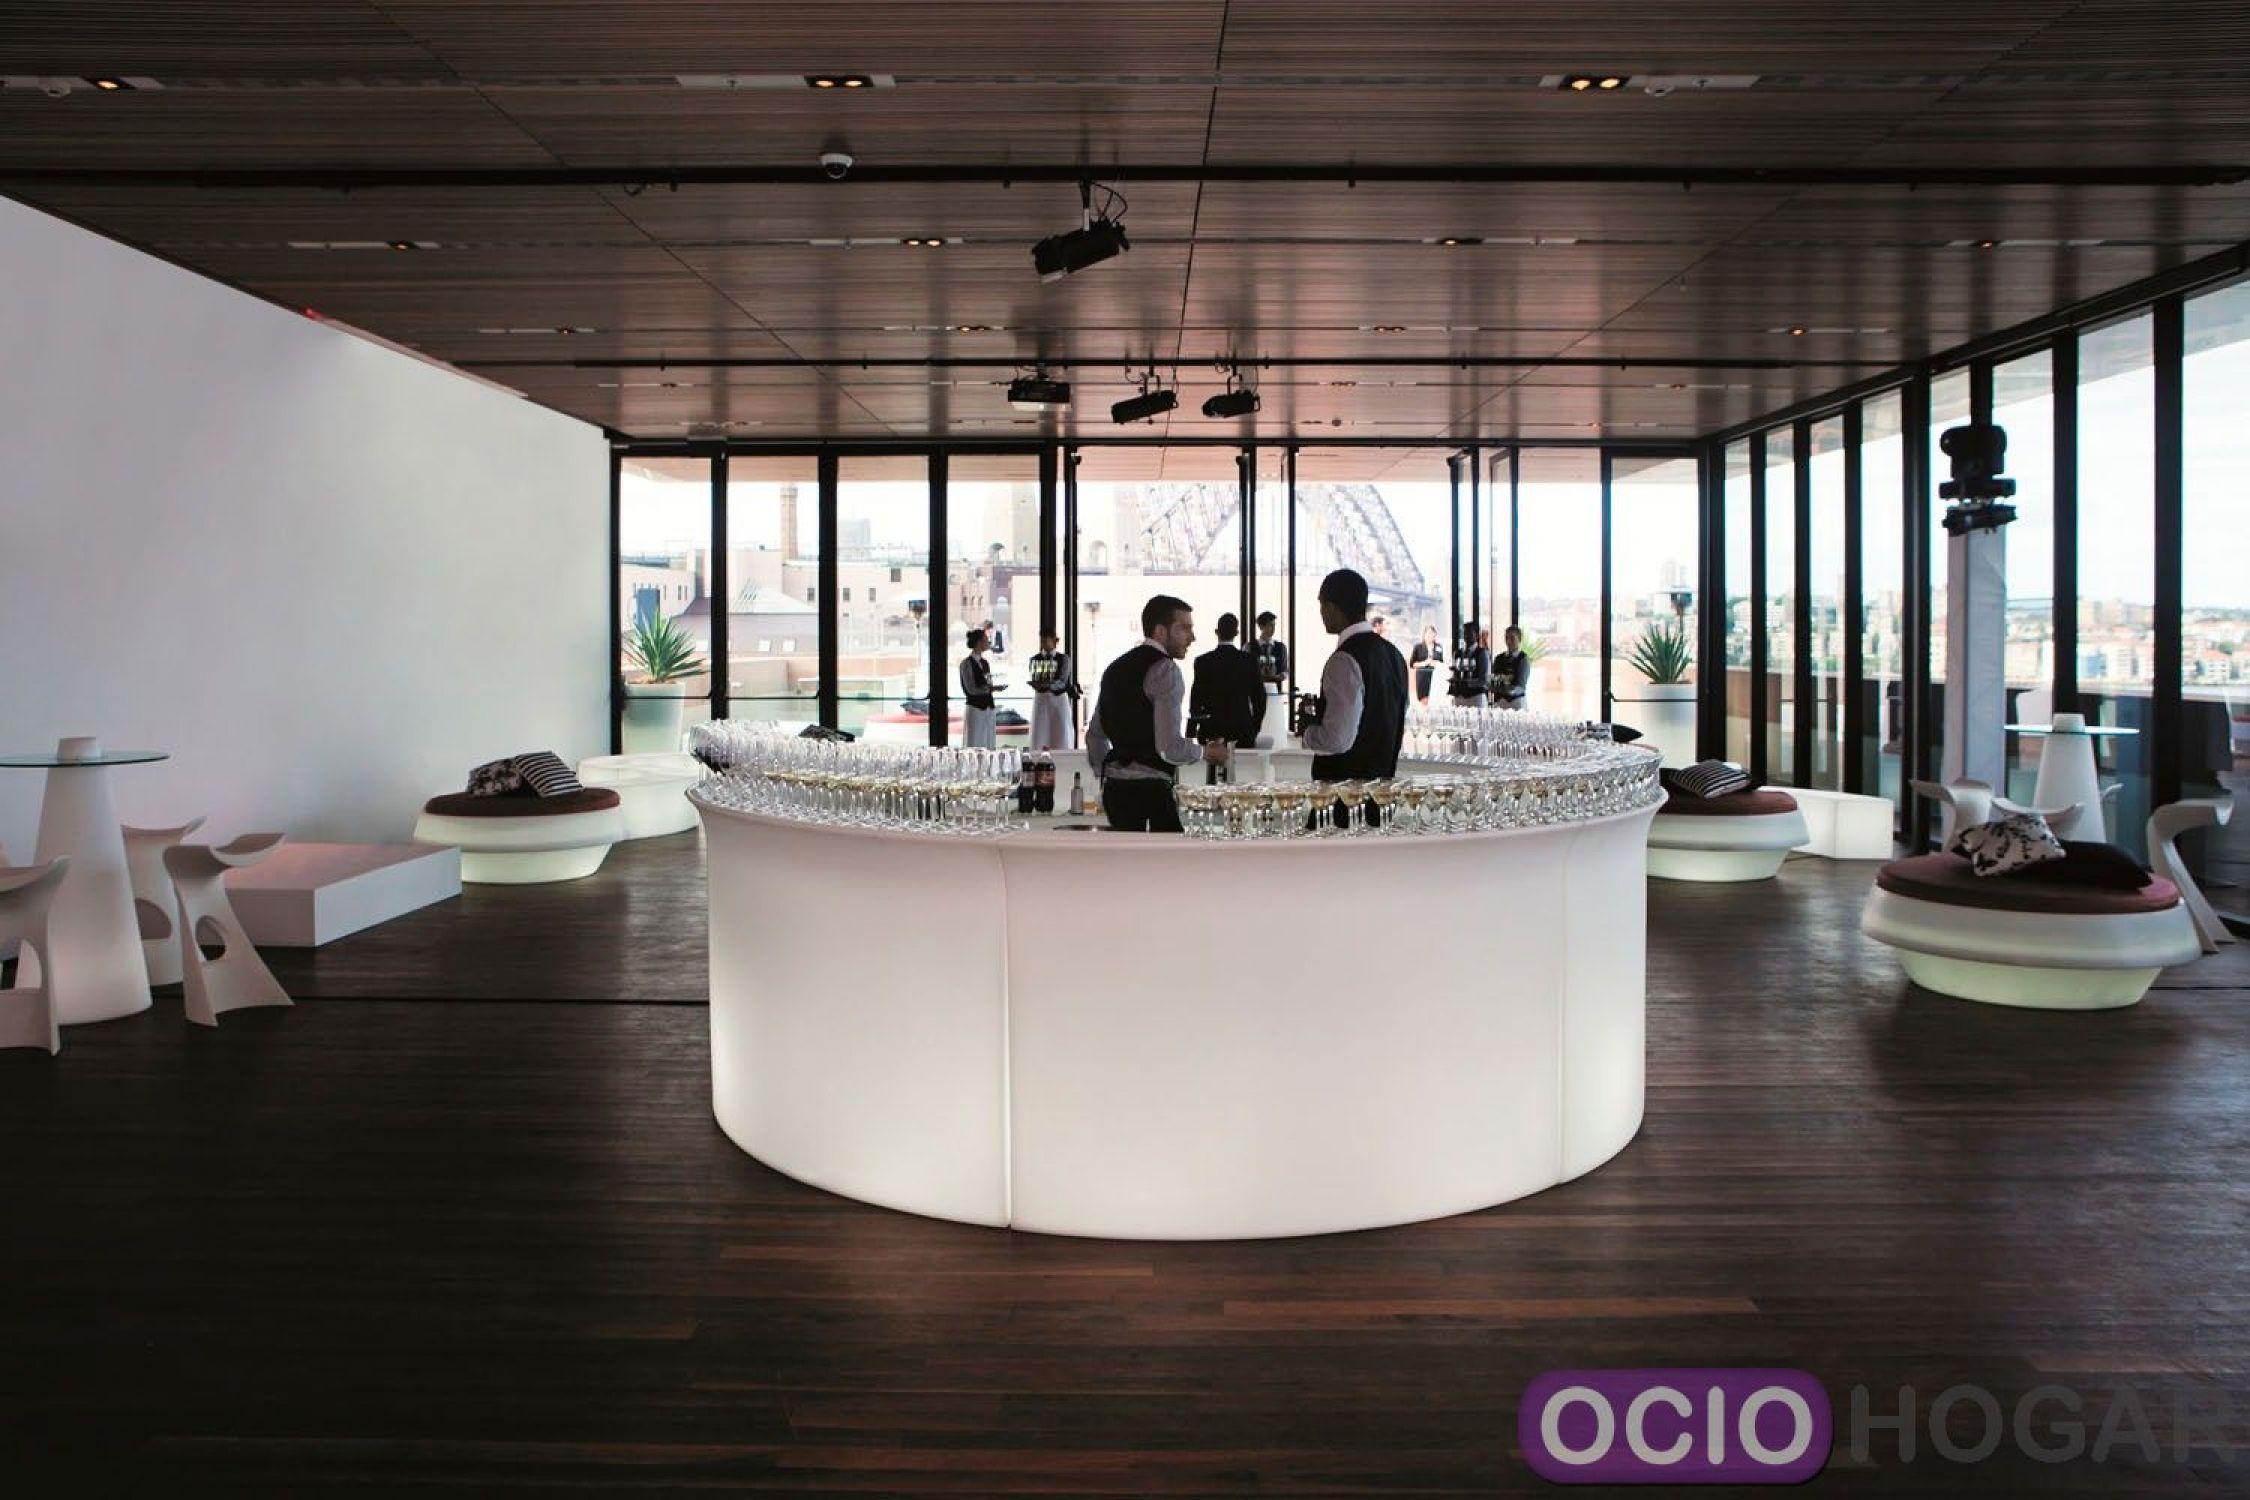 Barra de bar con luz Break Bar Slide Design  OcioHogarcom